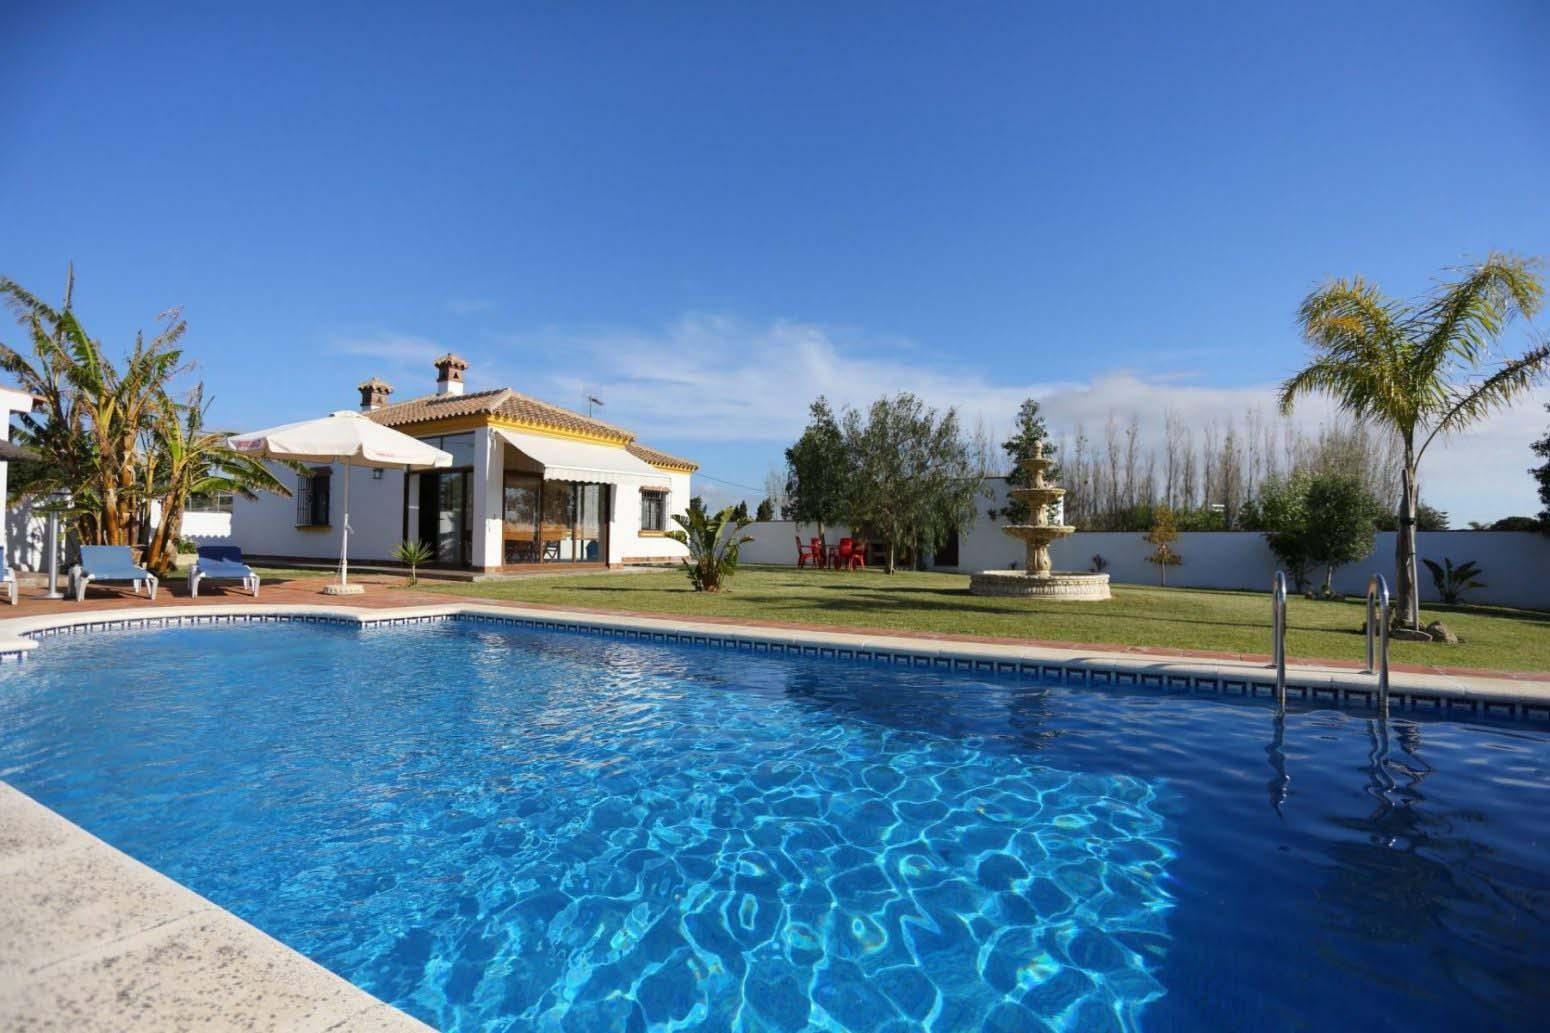 Servicios de Limpieza de piscinas en Madrid